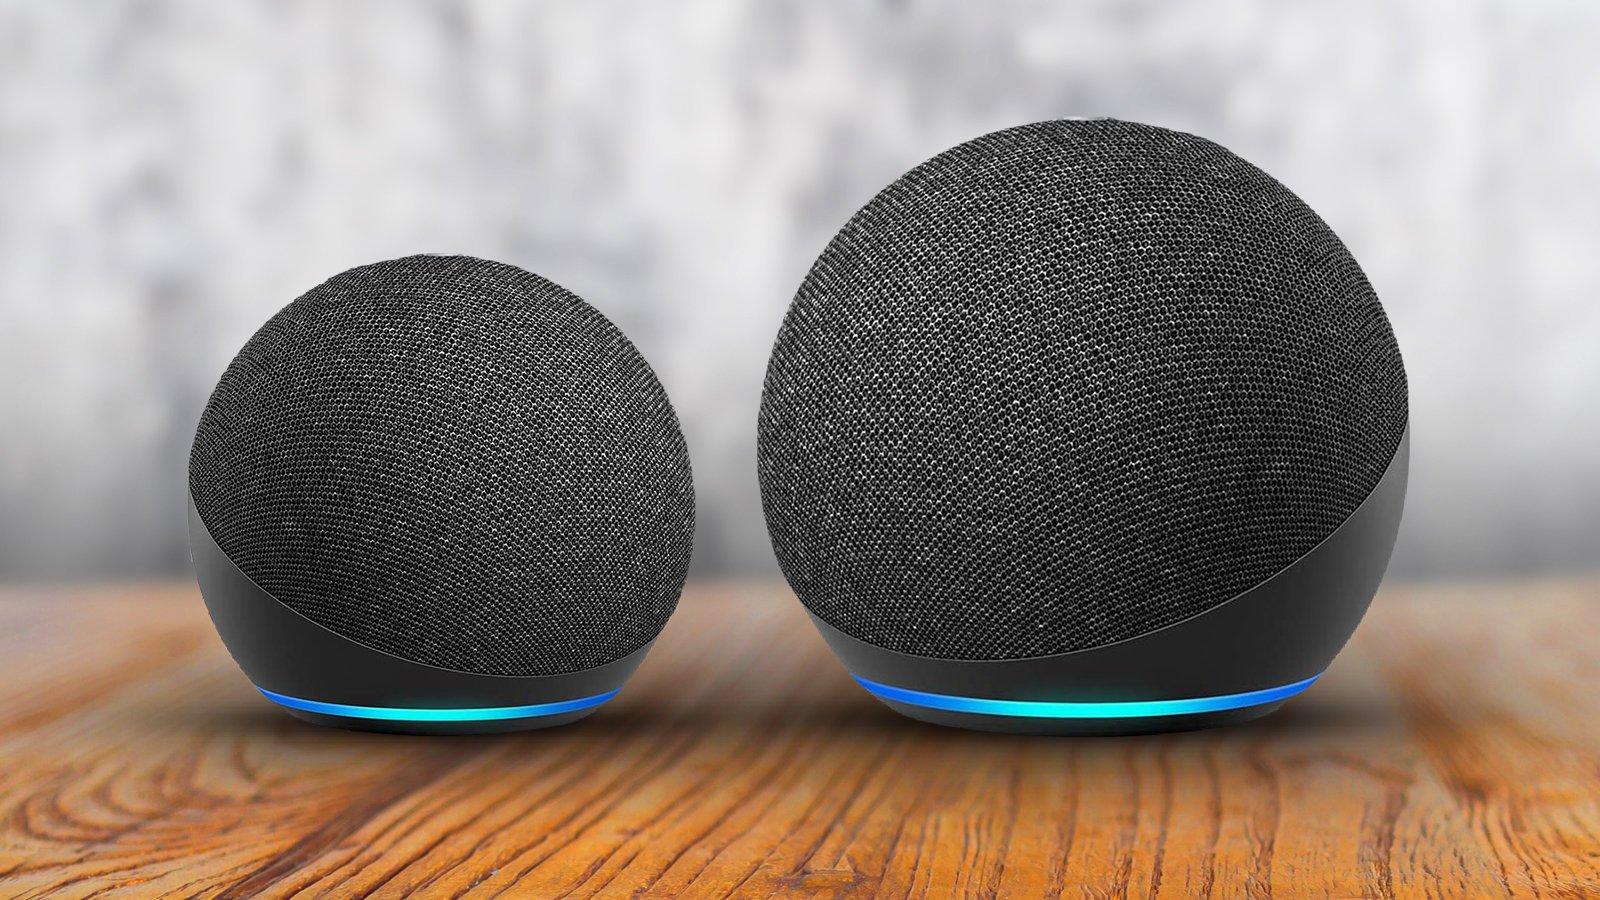 A grande diferença entre o echo dot e o echo, além da qualidade de som, é o tamanho - como exemplificado nesta imagem.